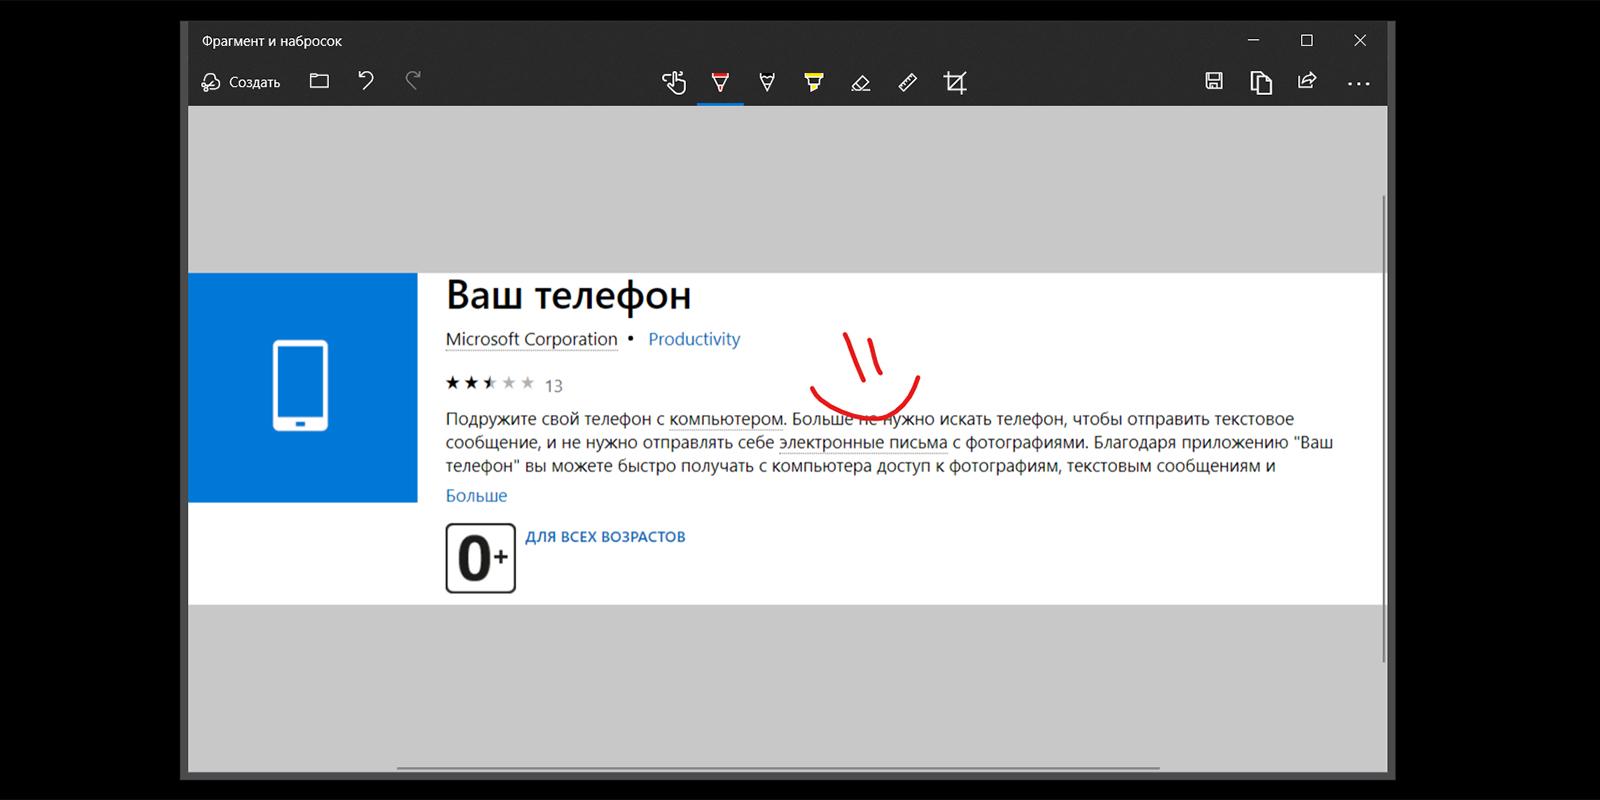 Синхронизация буфера обмена windows и iphone бесплатно